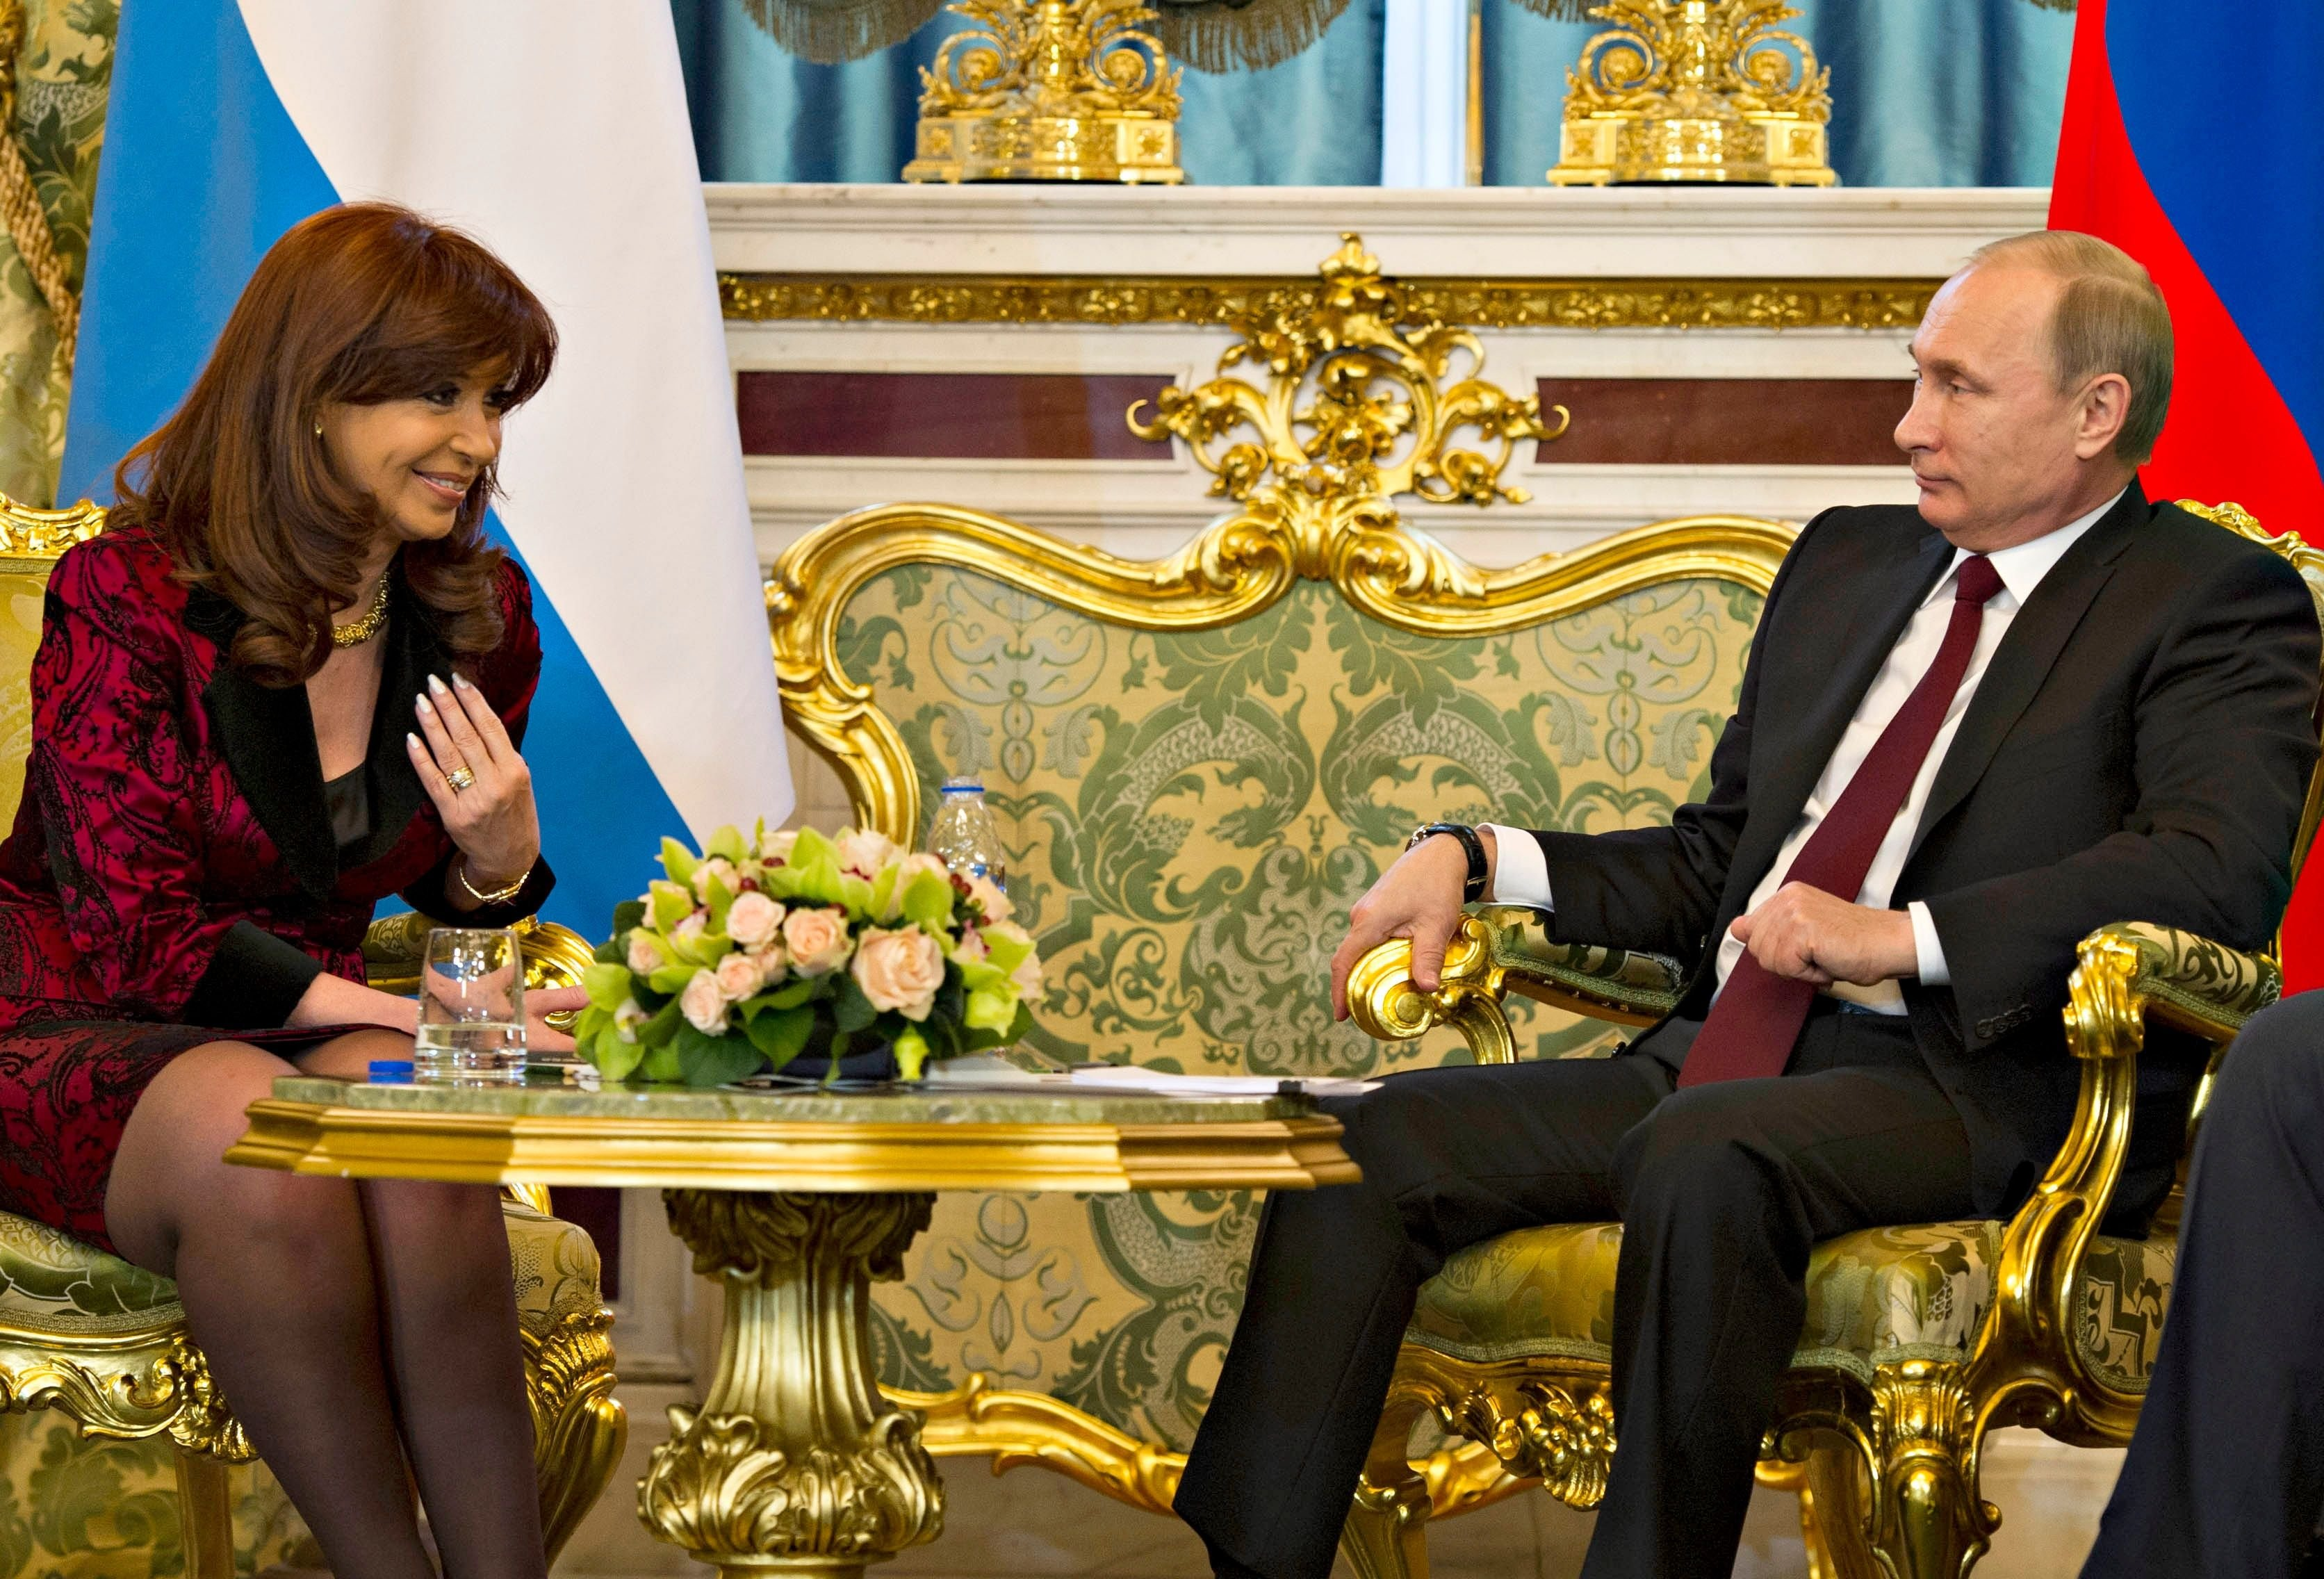 Cristina Kirchner y Vladimir Putin| Alejandro Amdan